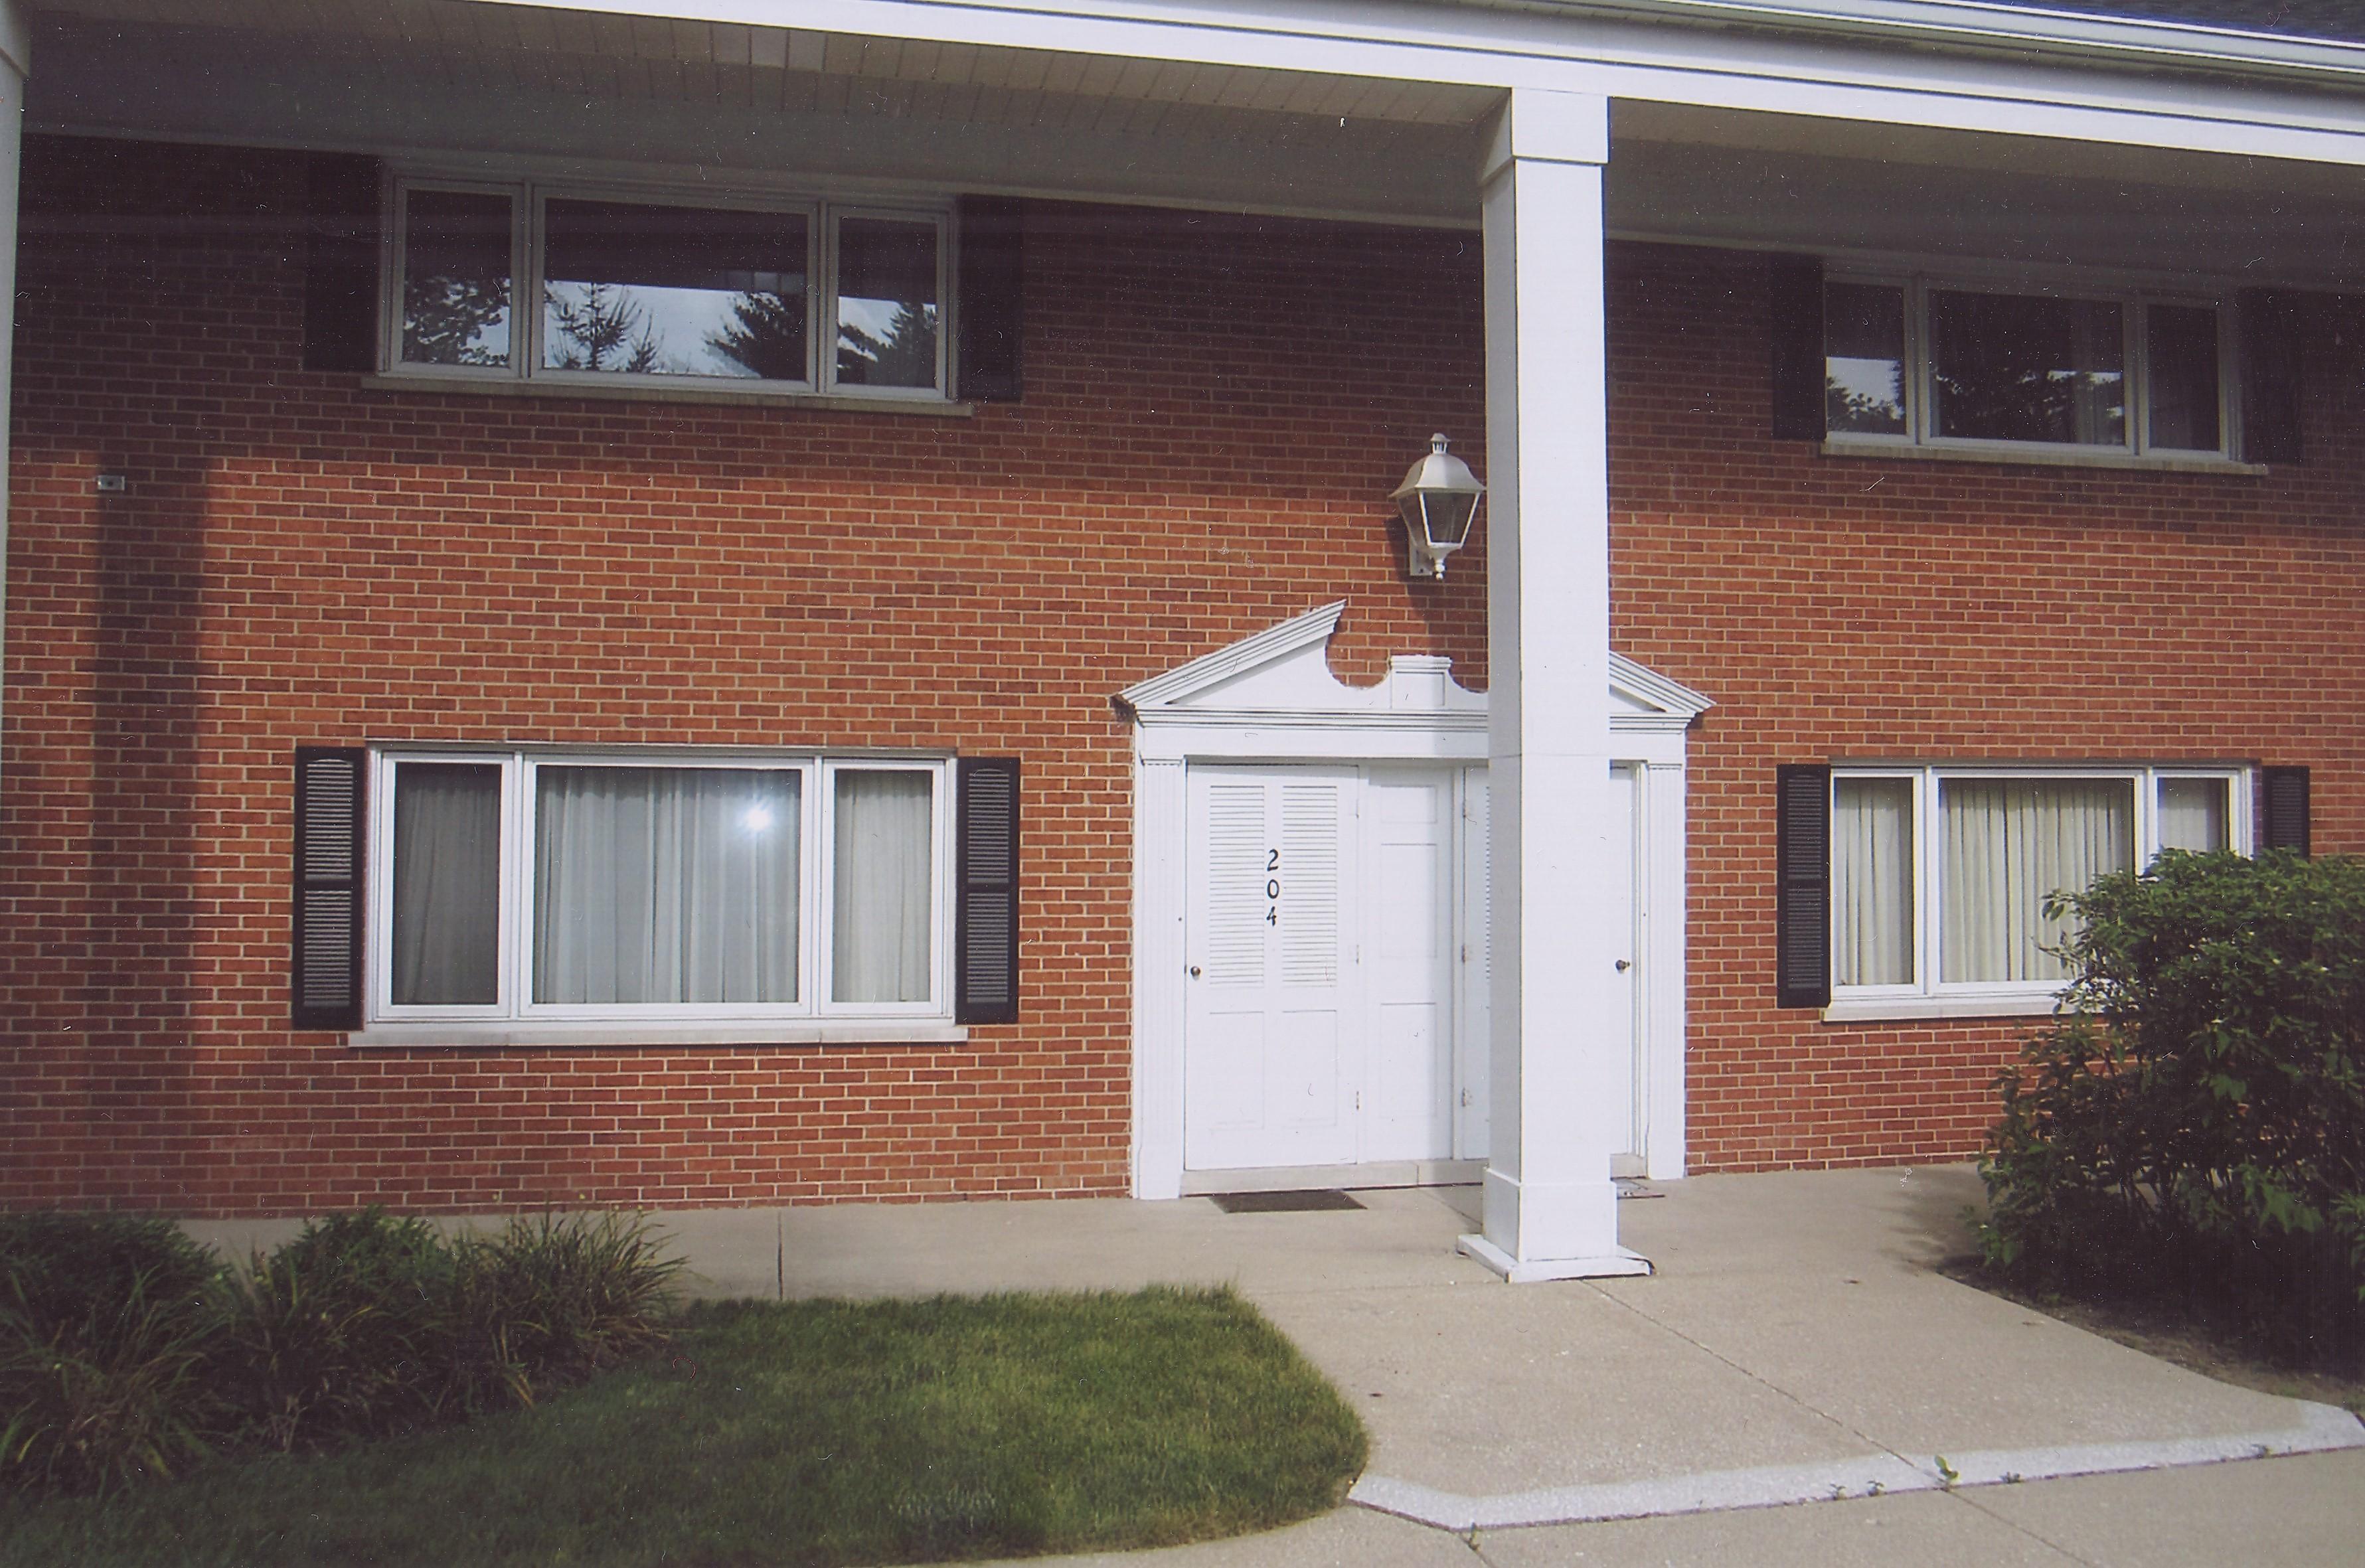 共有 為 出售 在 204 Chanticleer Lane 204 CHANTICLEER Ln Hinsdale, 伊利諾斯州 60521 美國